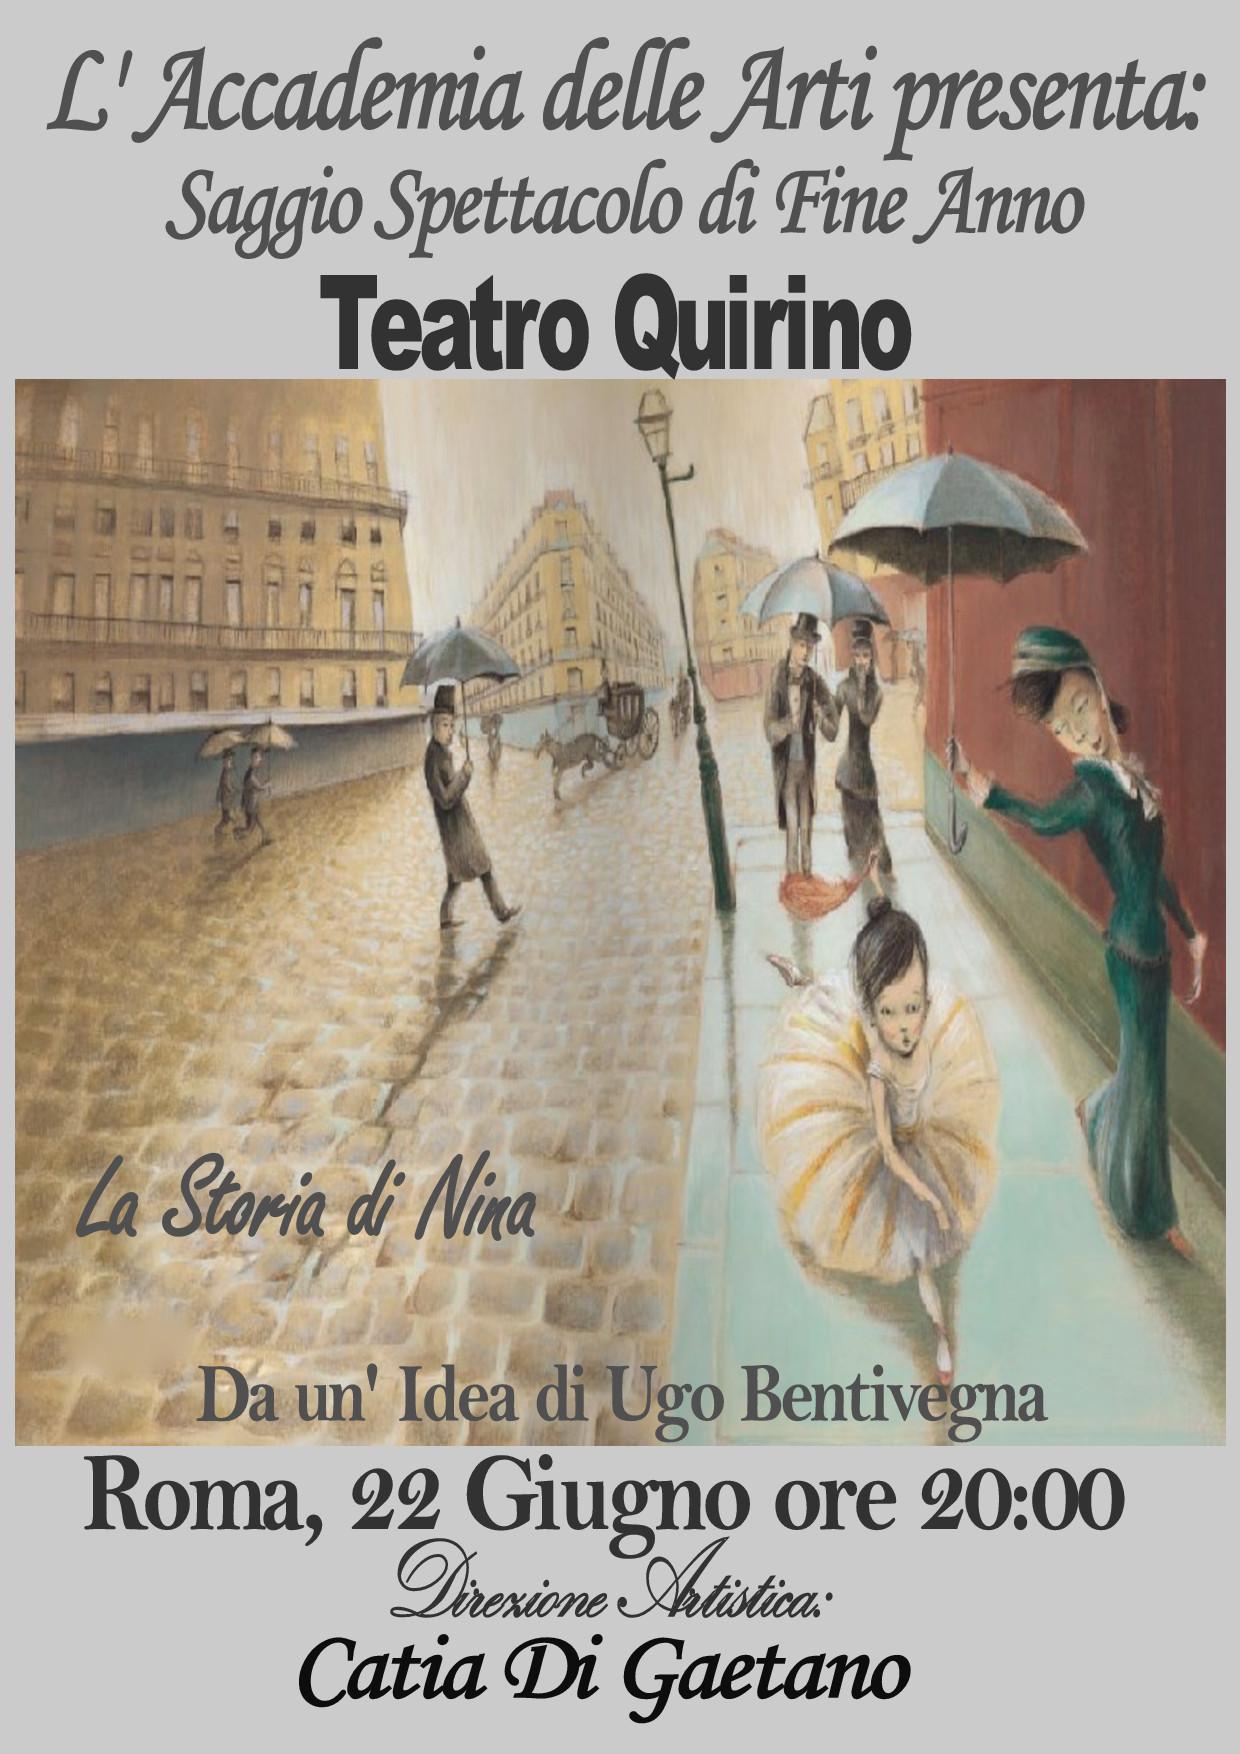 La Storia di Nina Teatro Quirino Roma